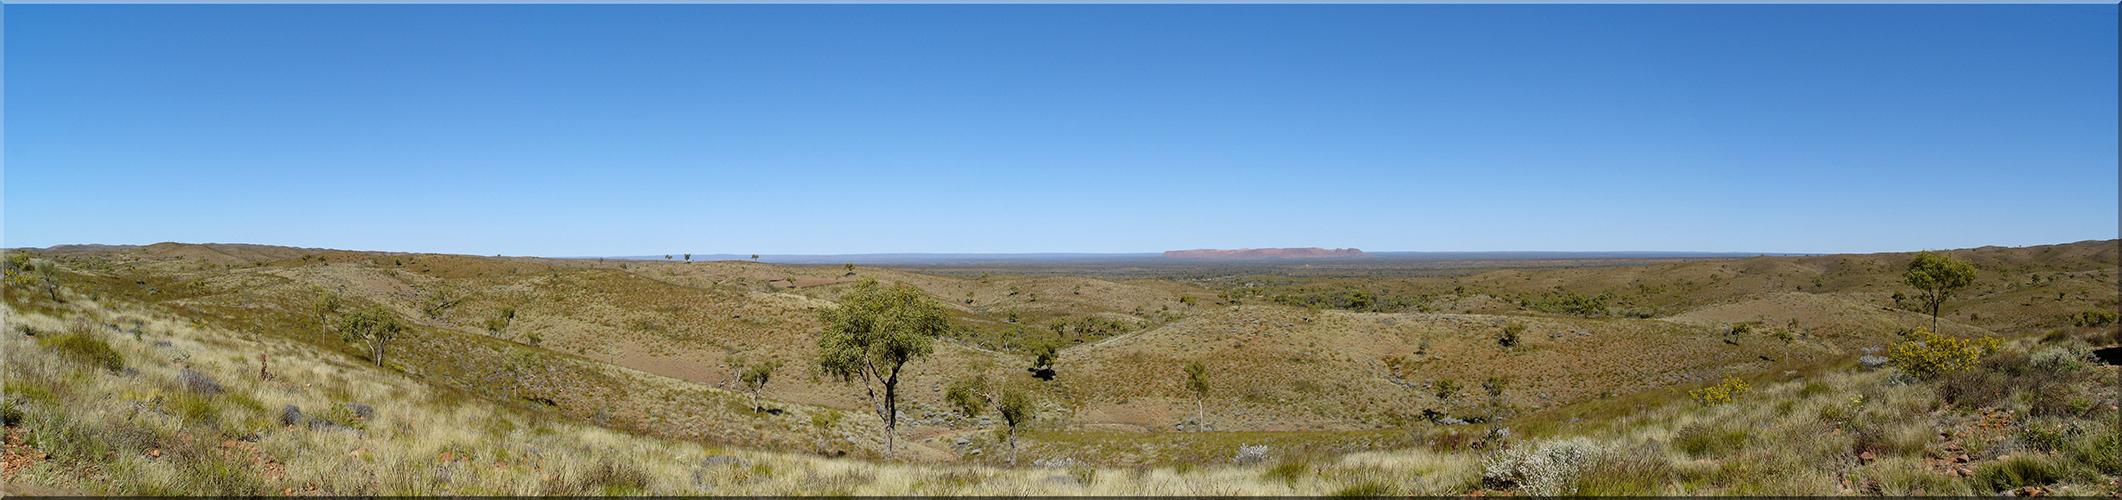 Blick von Tyler´s Pass auf Tnorala (Gosse Bluff)